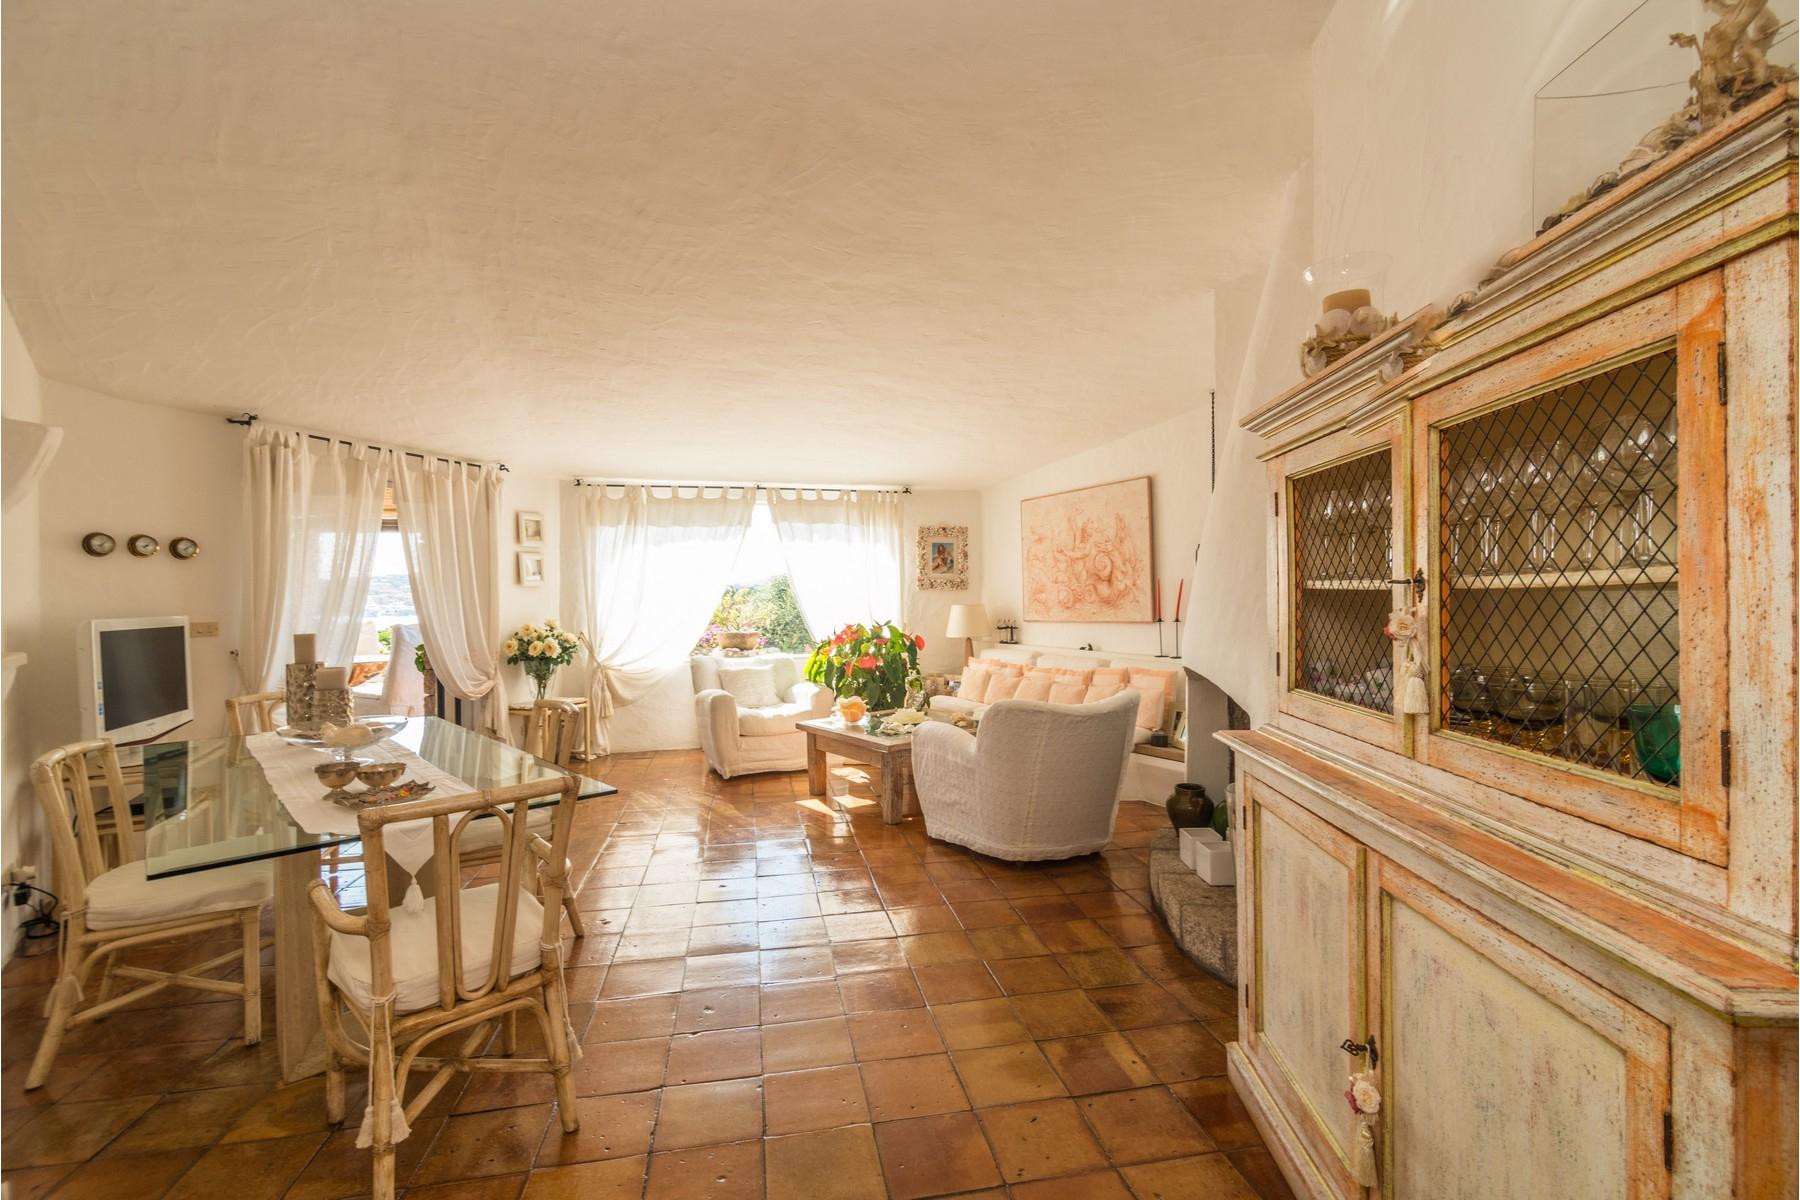 Villa in Vendita a Arzachena: 5 locali, 173 mq - Foto 9